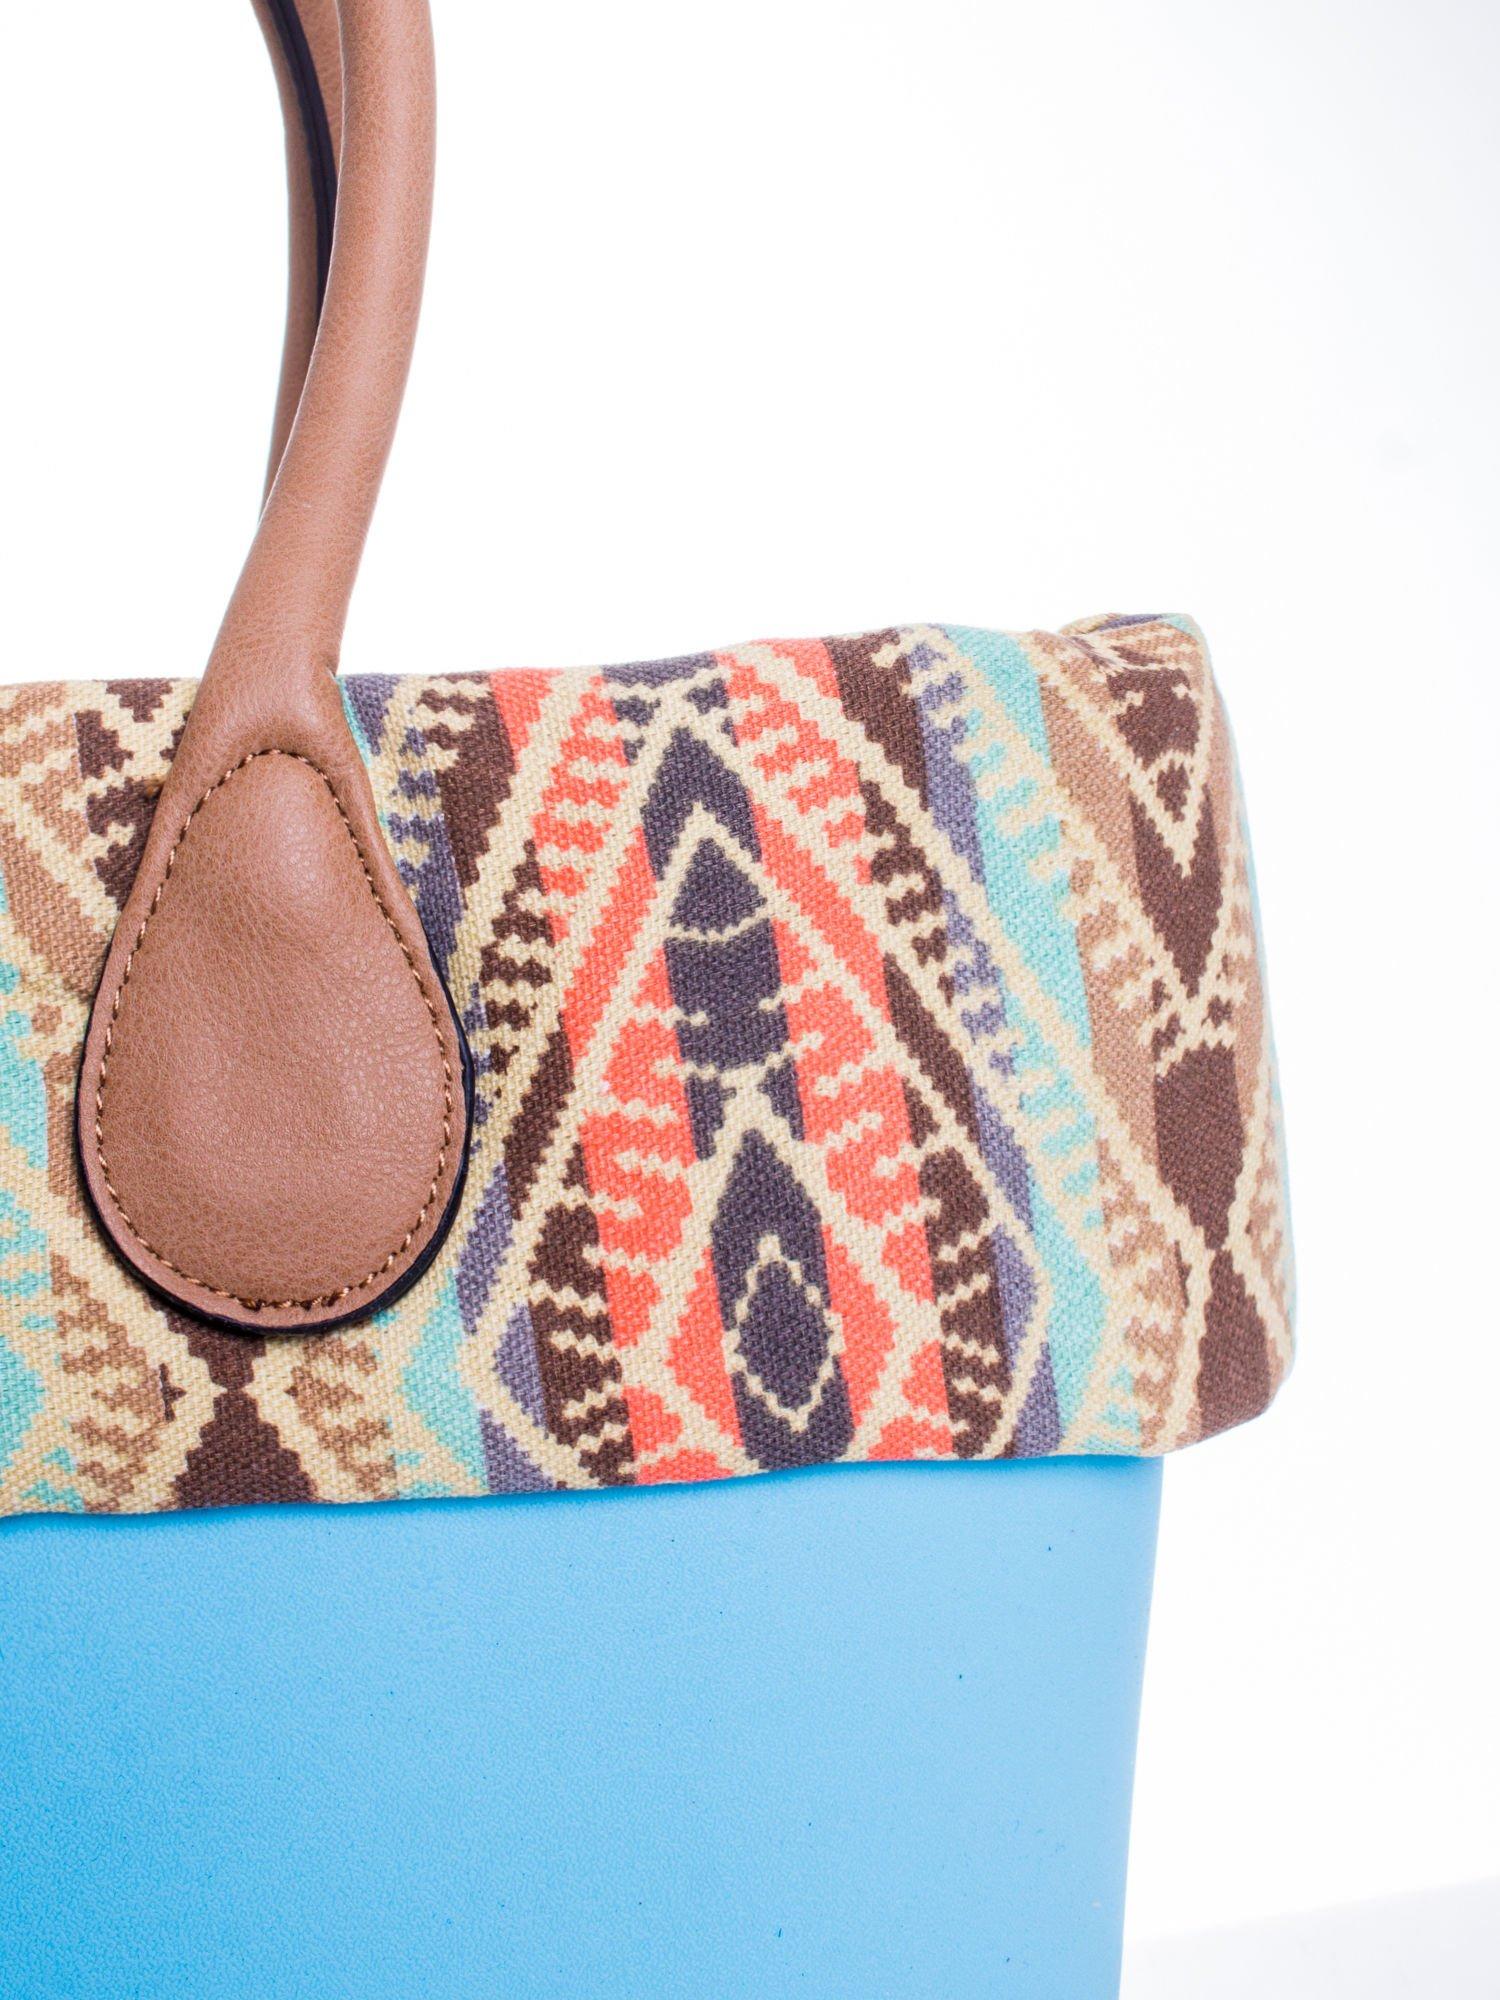 Jasnoniebieska torba gumowa z motywem azteckim                                  zdj.                                  5